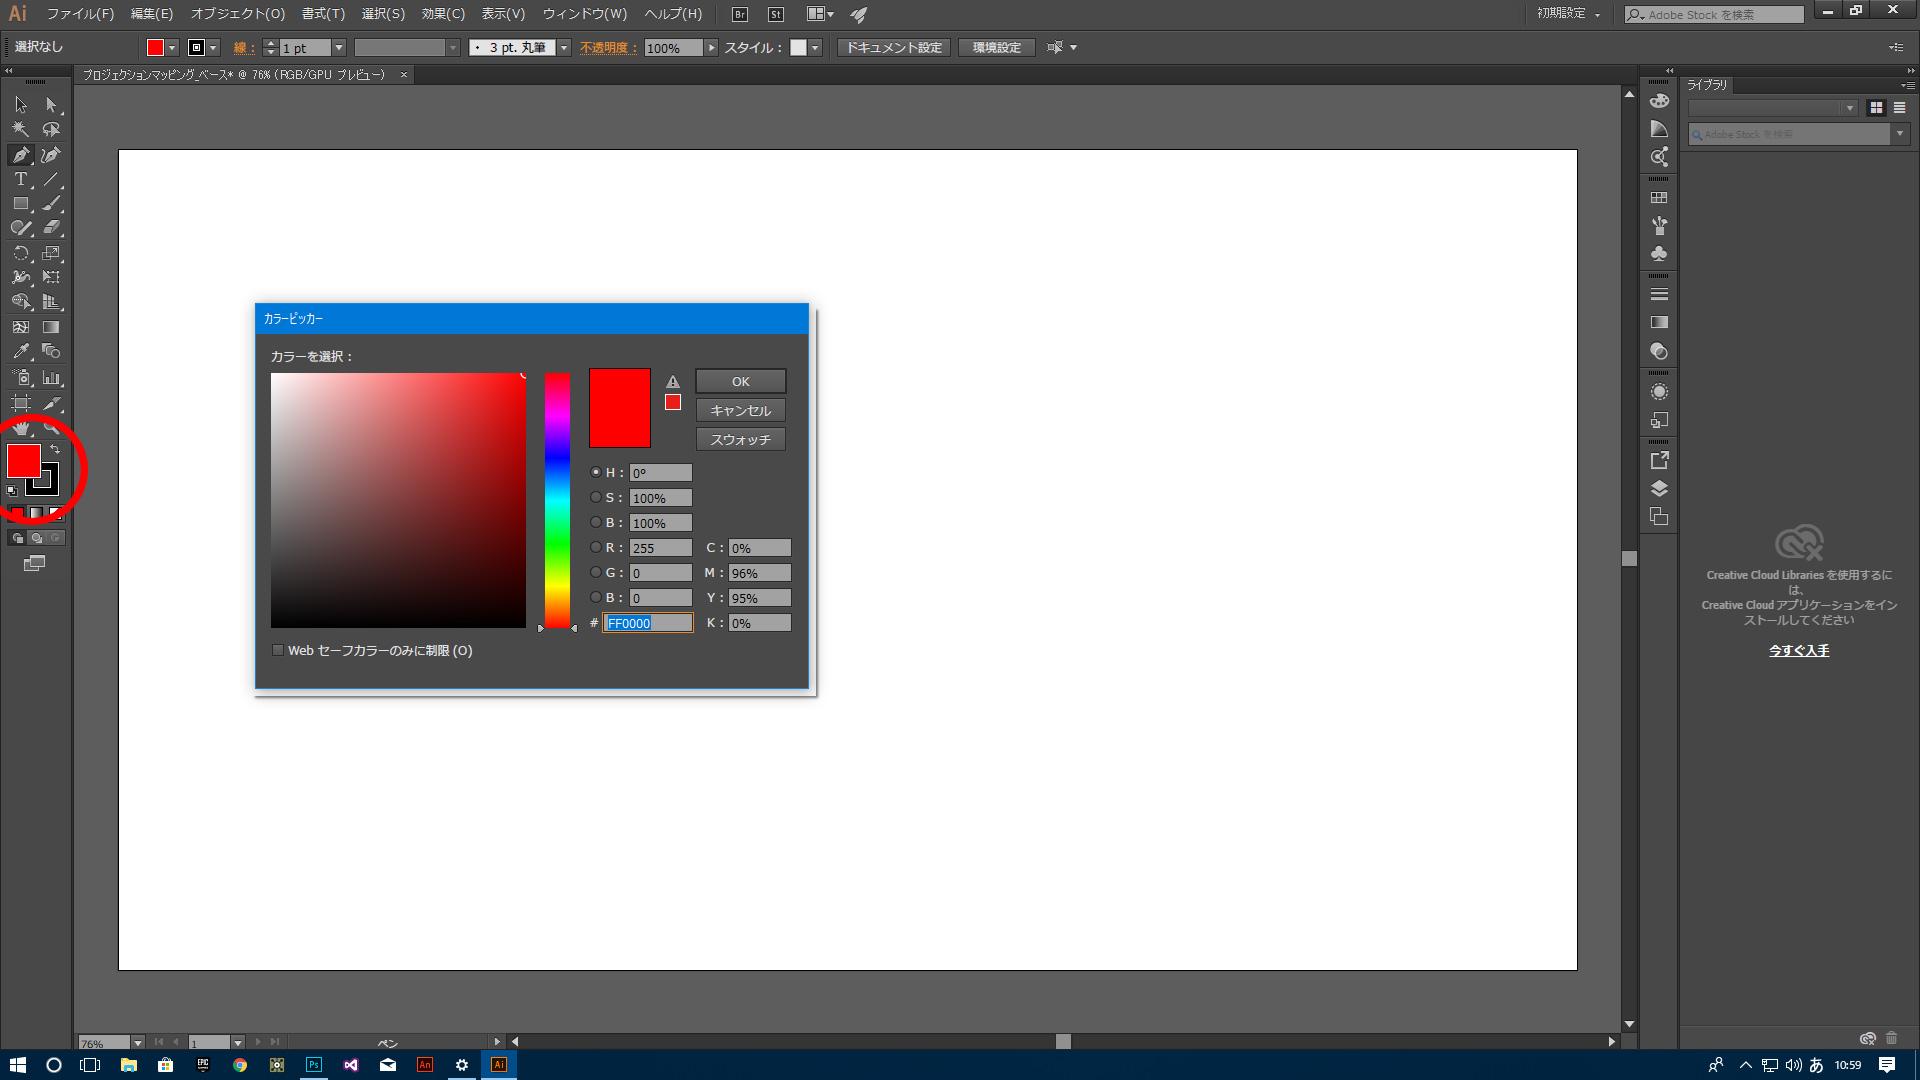 ツールバーから「塗り」を選択し、わかりやすい色に設定します(赤など)